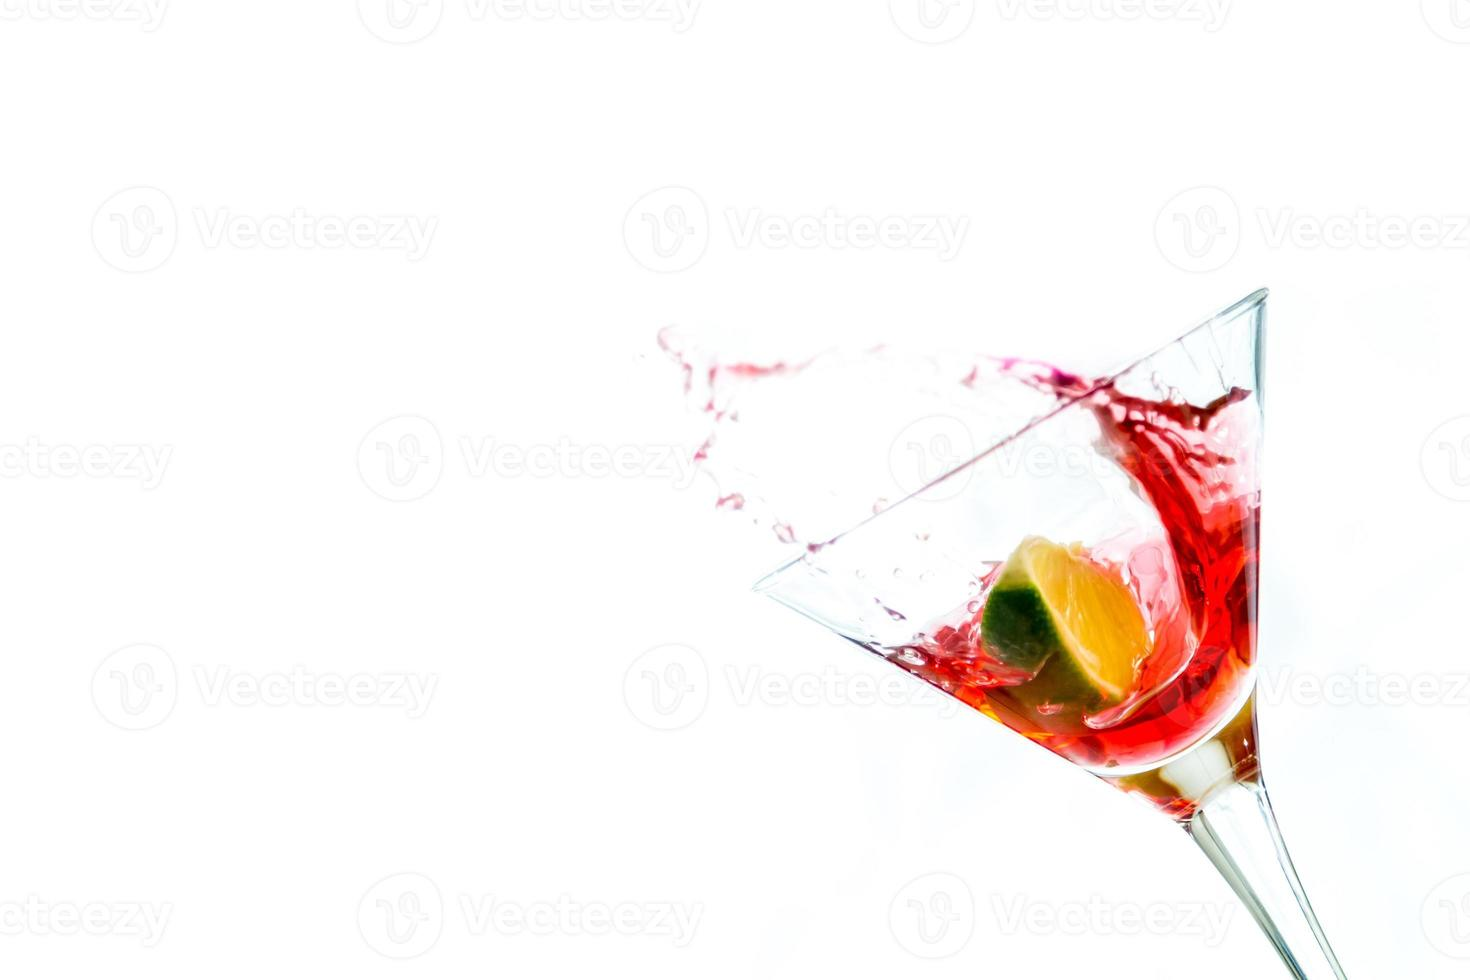 rode drank met limoen foto